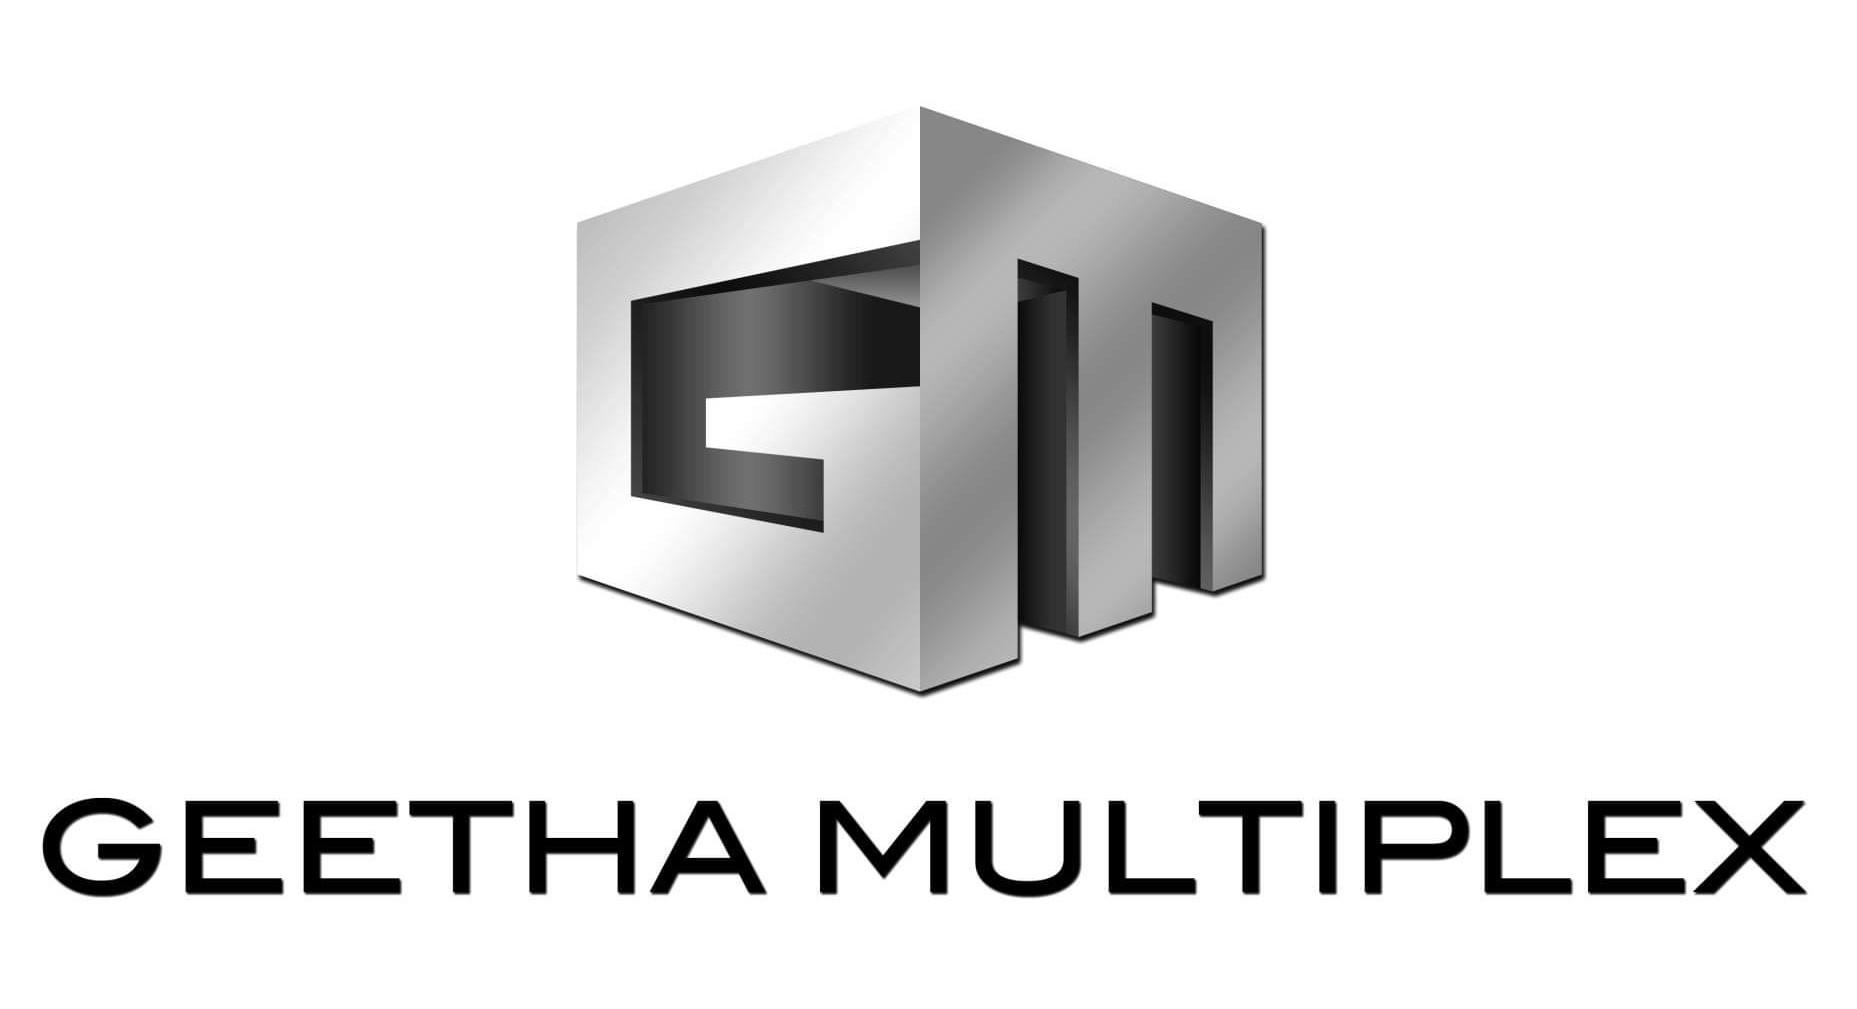 Geetha Multiplex